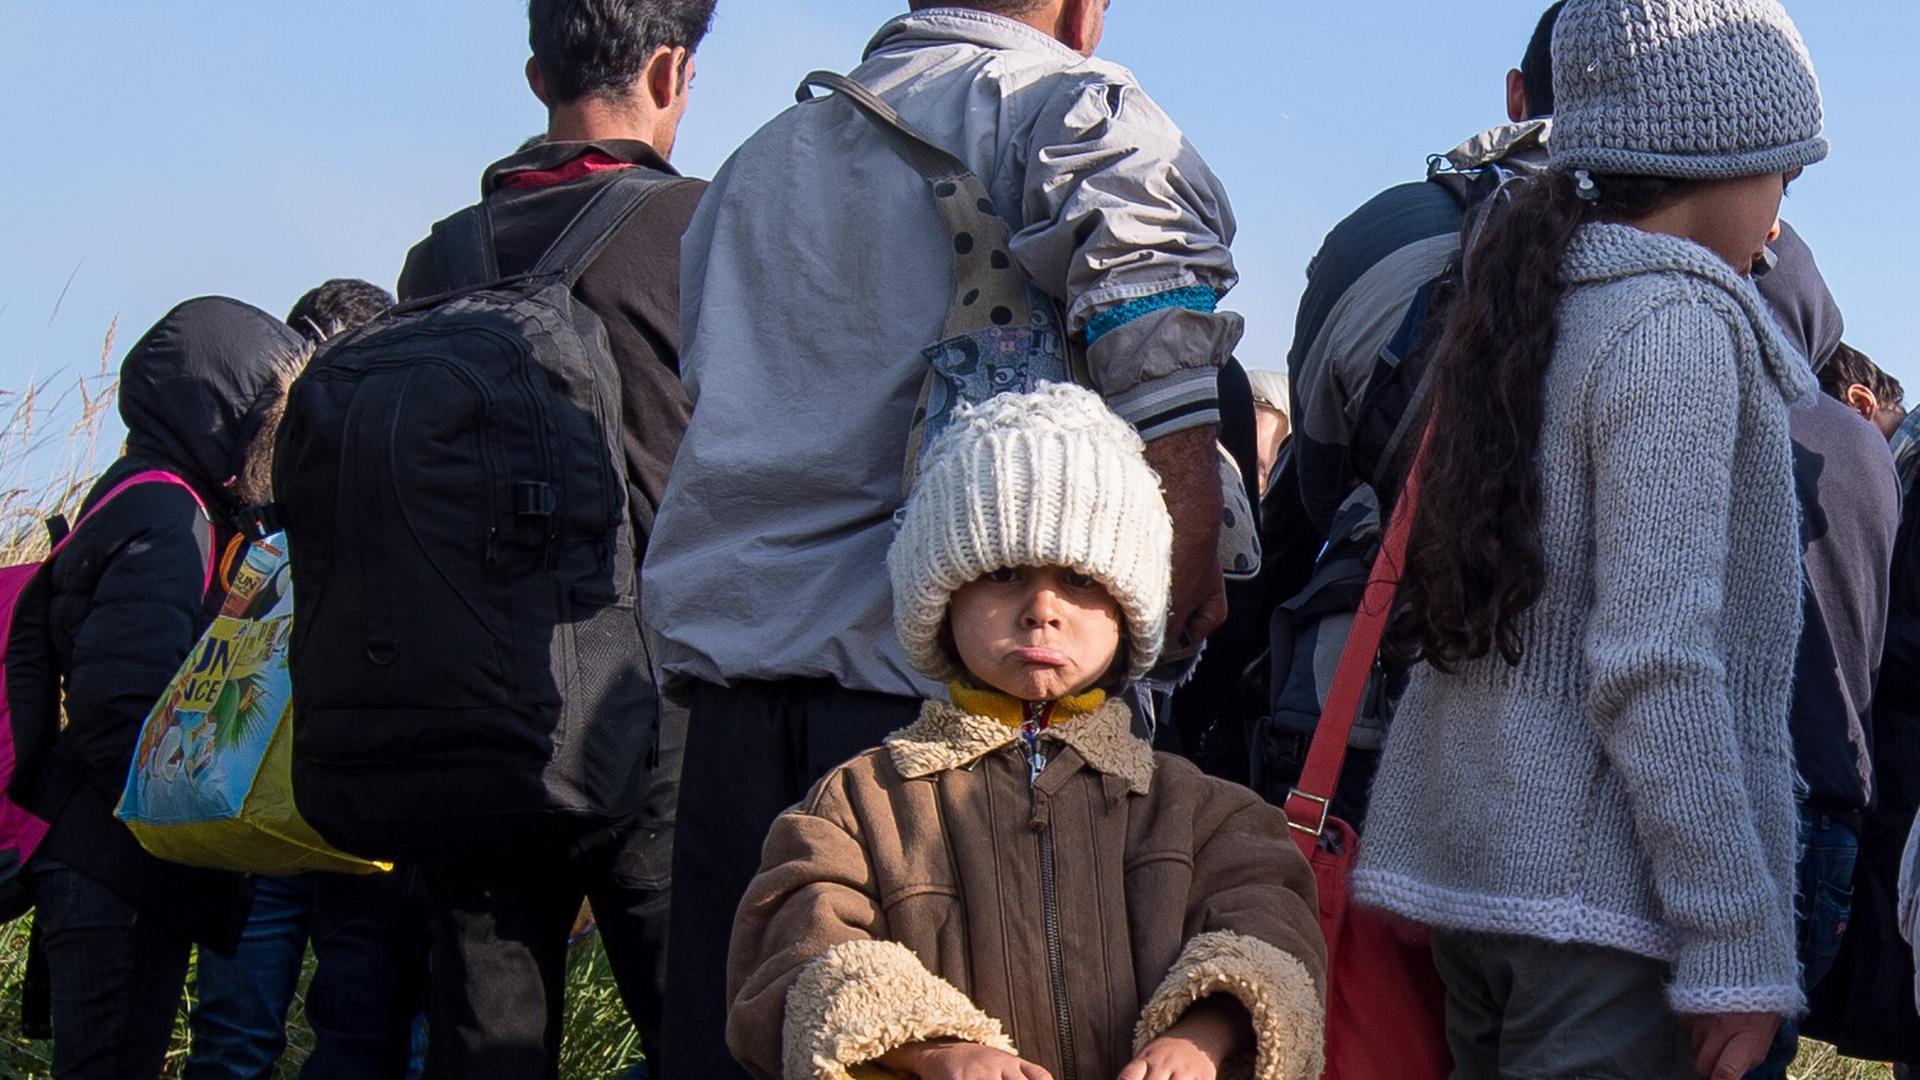 ARCHIV - Flüchtlinge, die zuvor am Bahnhof Schönefeld (Brandenburg) angekommen waren, warten am 10.09.2015 an einem Sammelplatz unweit des Bahnhofes. (zu dpa «Familiennachzug: Neue Flüchtlingswelle oder leistbare Herausforderung» vom 19.10.2017) Foto: Patrick Pleul/dpa-Zentralbild/dpa +++(c) dpa - Bildfunk+++ | Verwendung weltweit